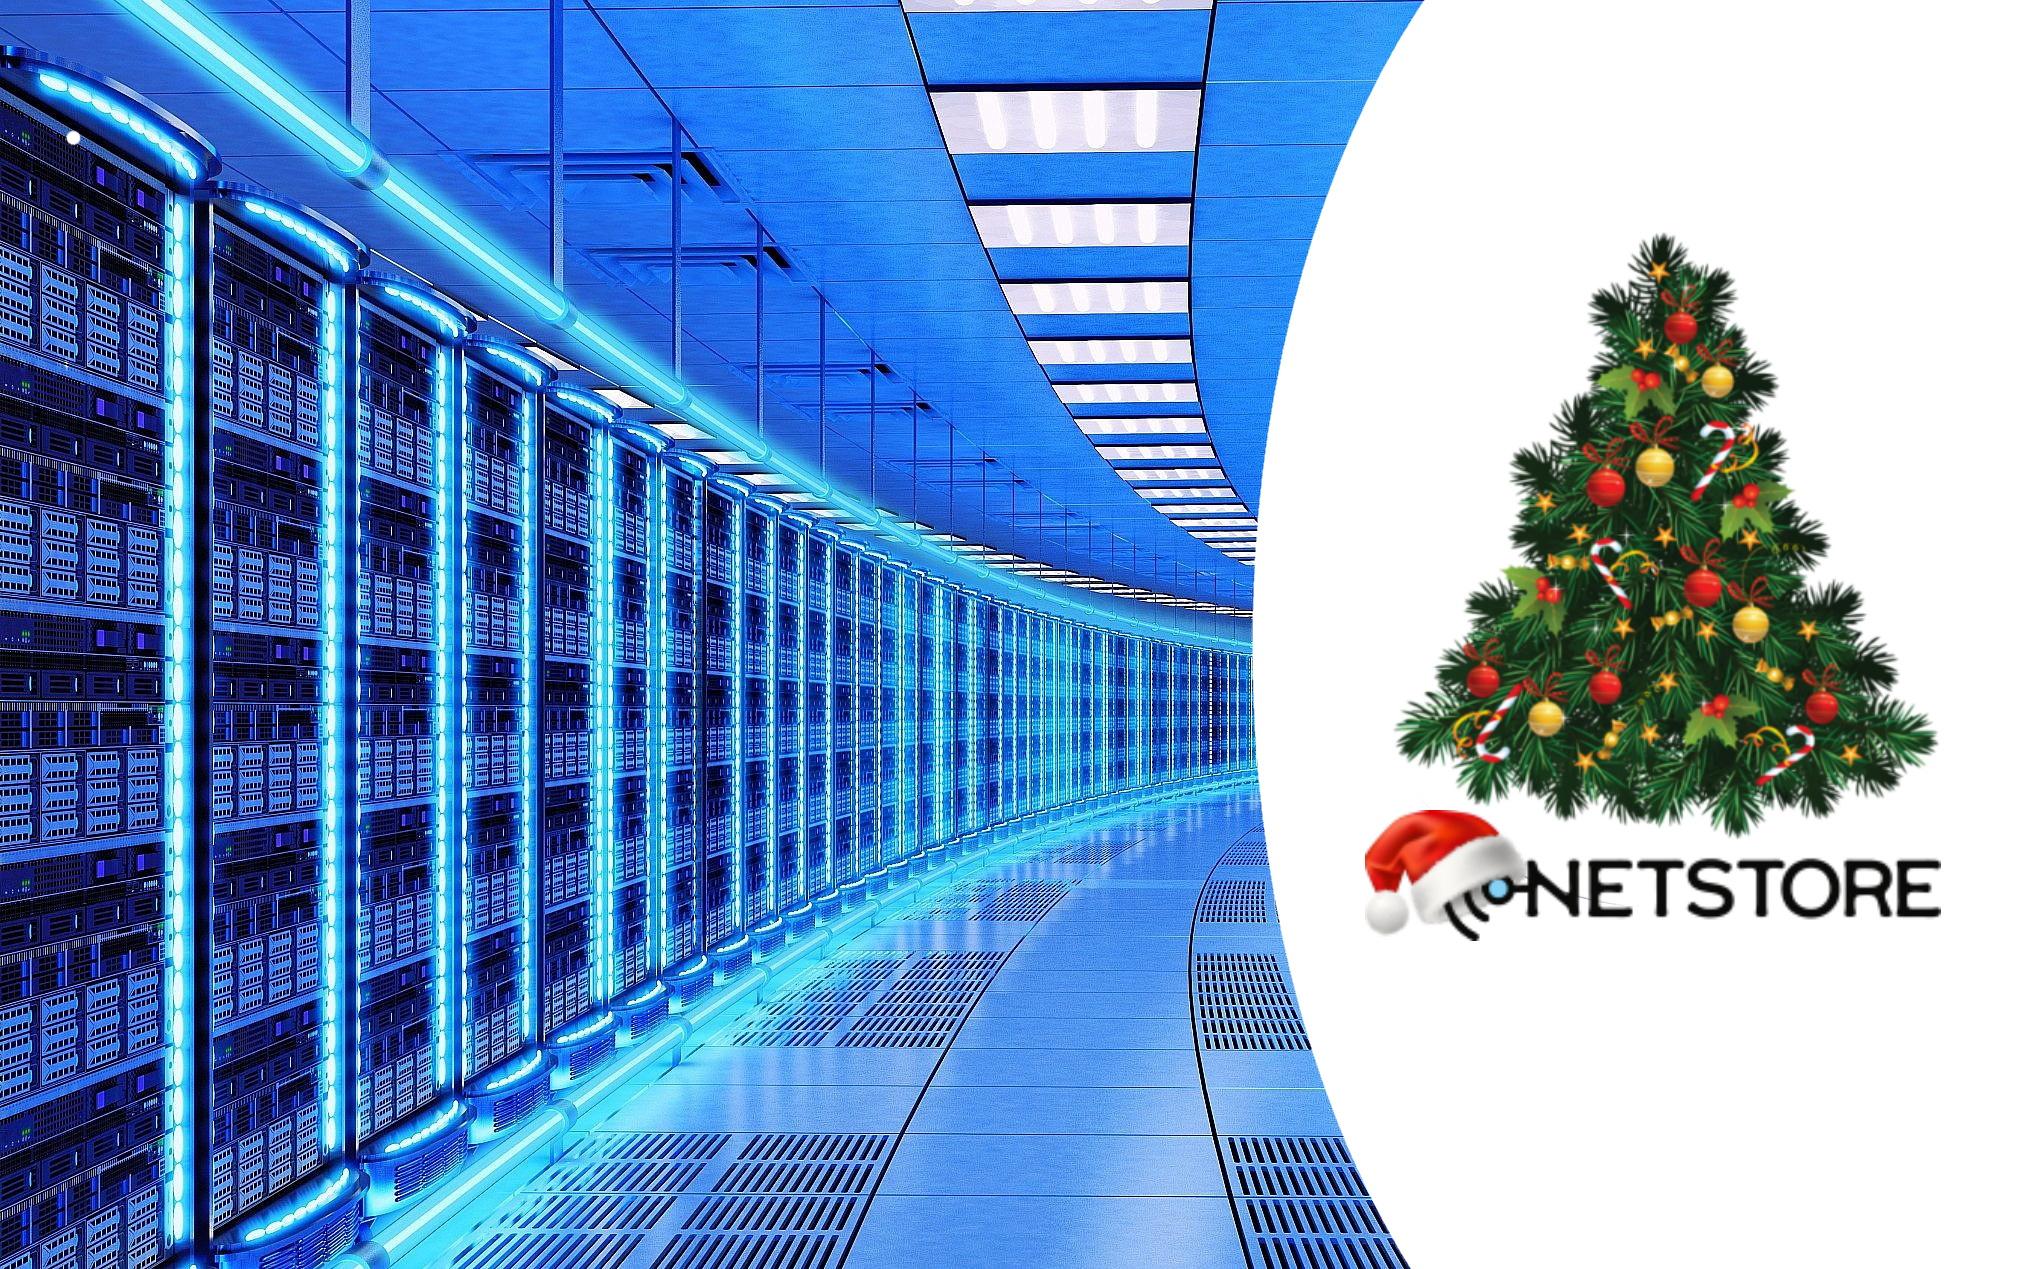 Команда Netstore поздравляет вас с Новым Годом!